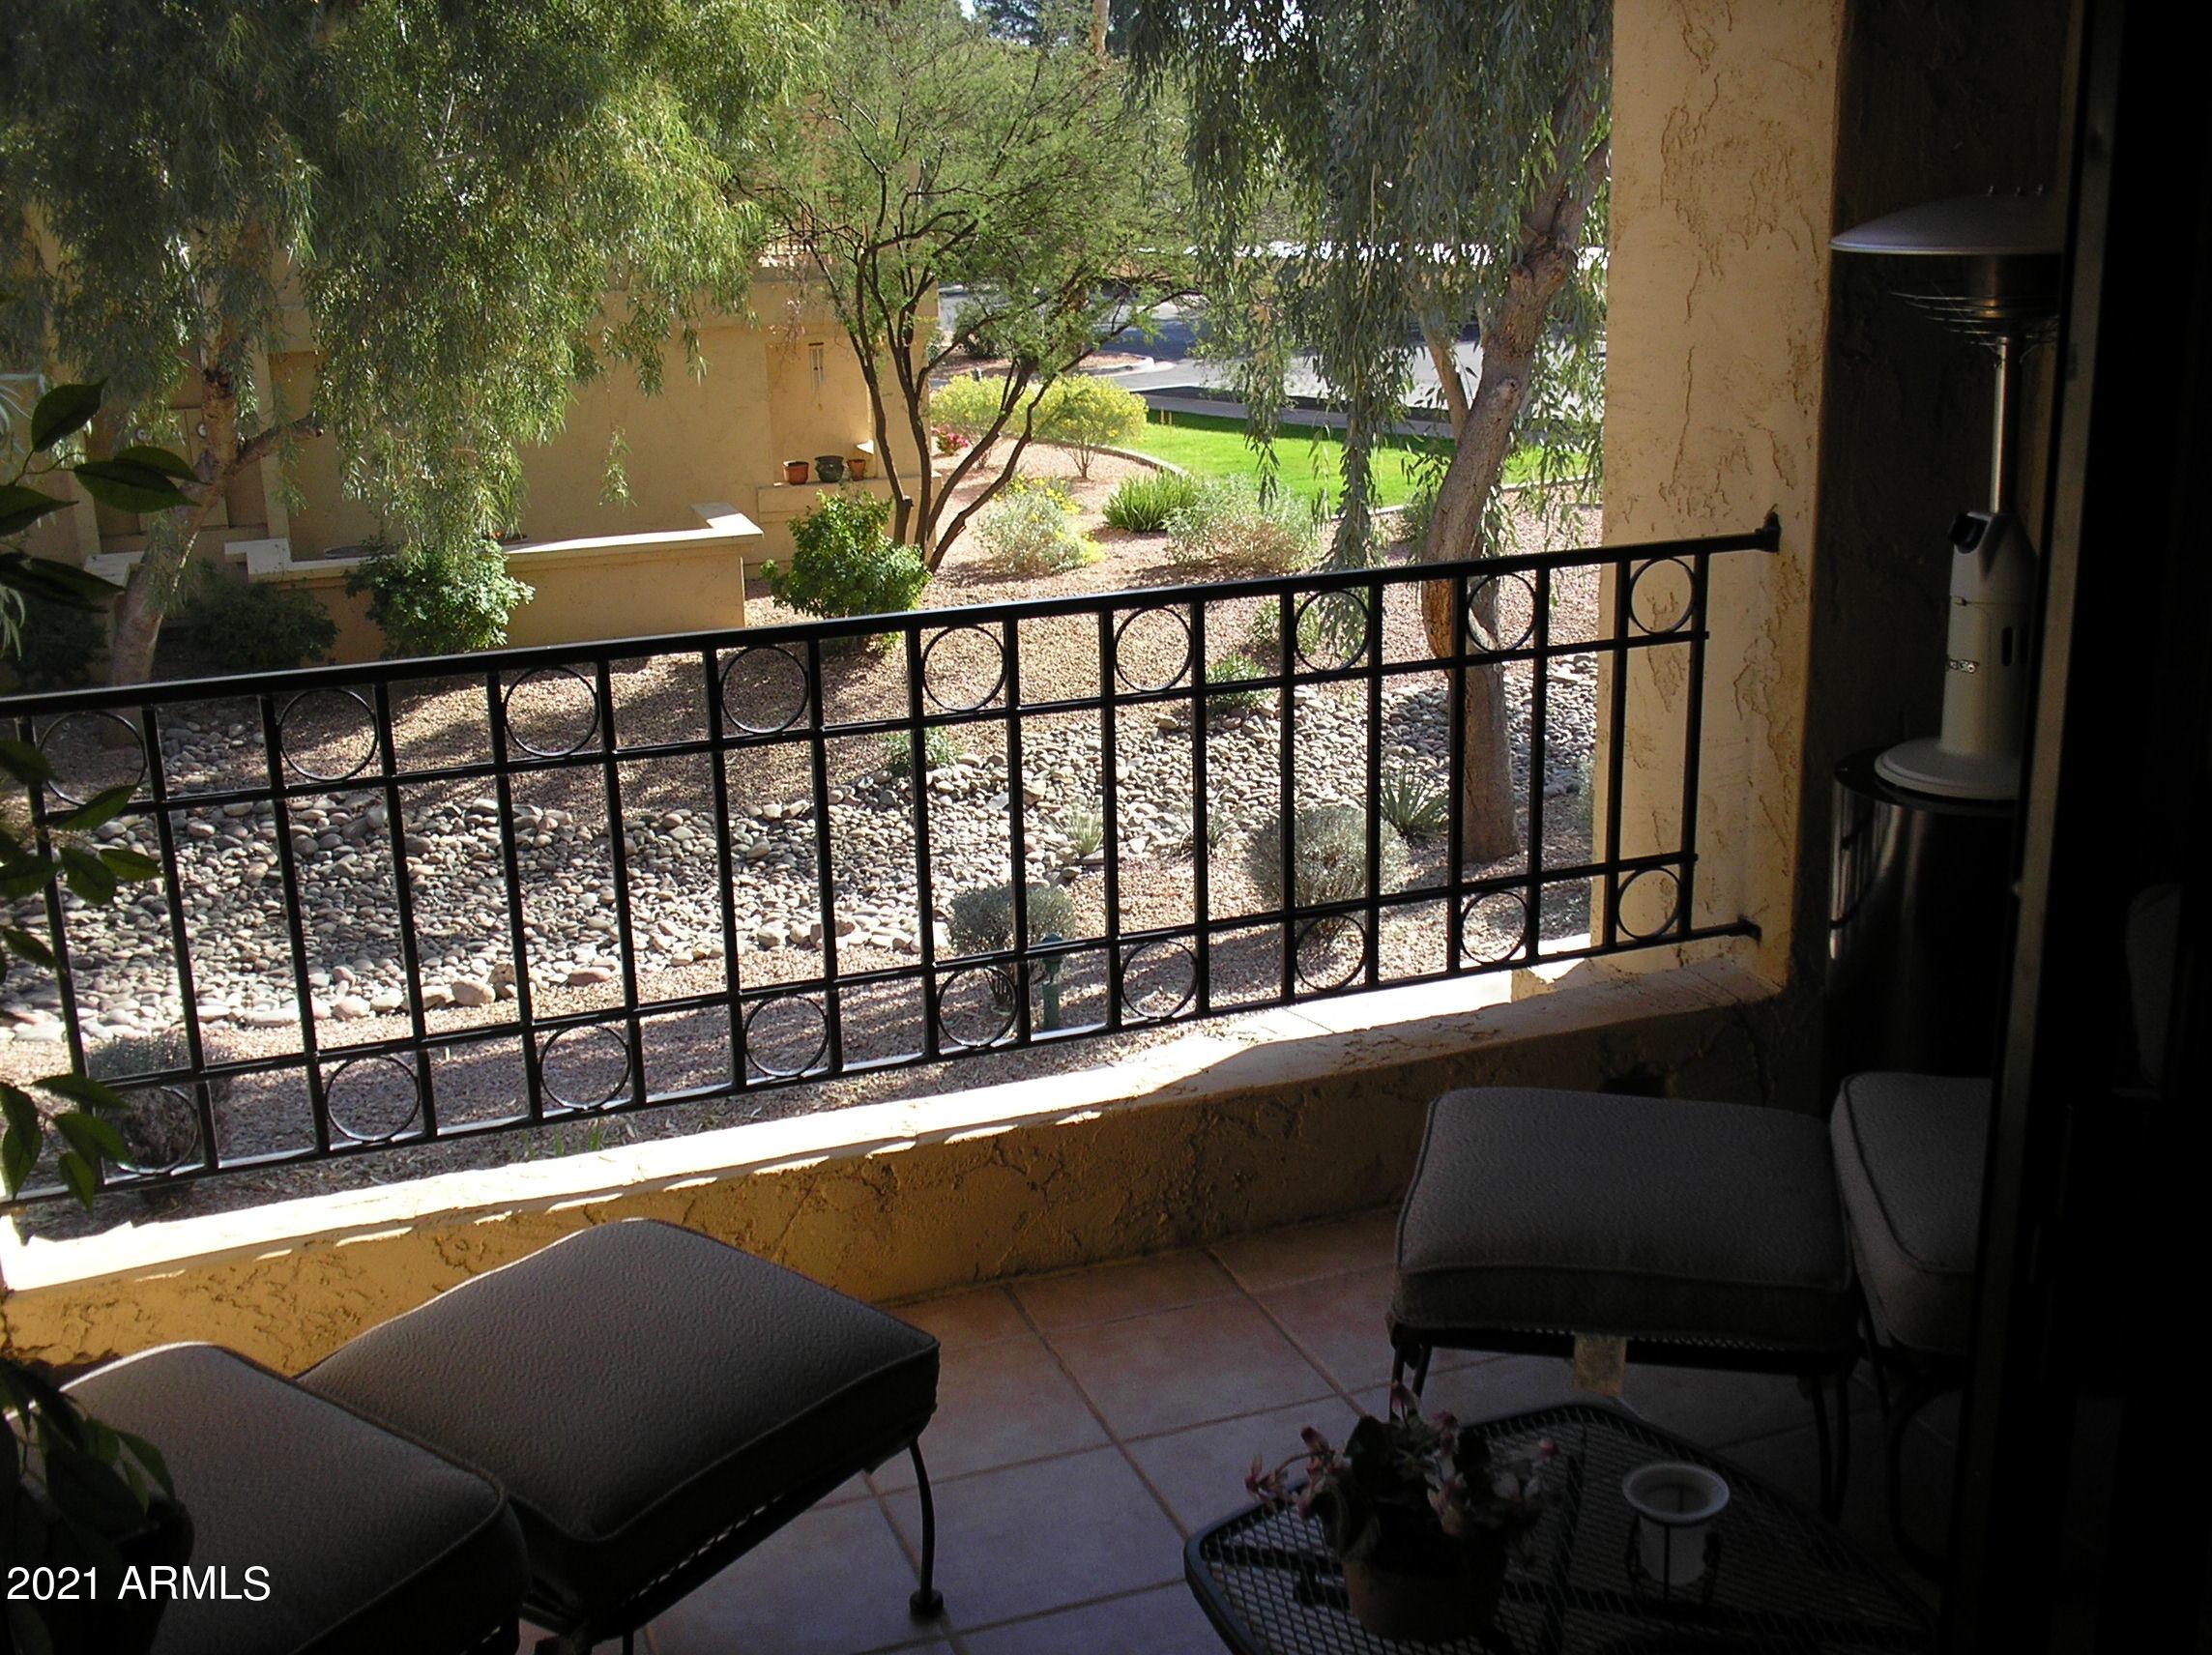 9708 E VIA LINDA Street # 2304, Scottsdale, AZ 85258, 2 Bedrooms Bedrooms, ,Residential Lease,For Rent,9708 E VIA LINDA Street # 2304,6212997